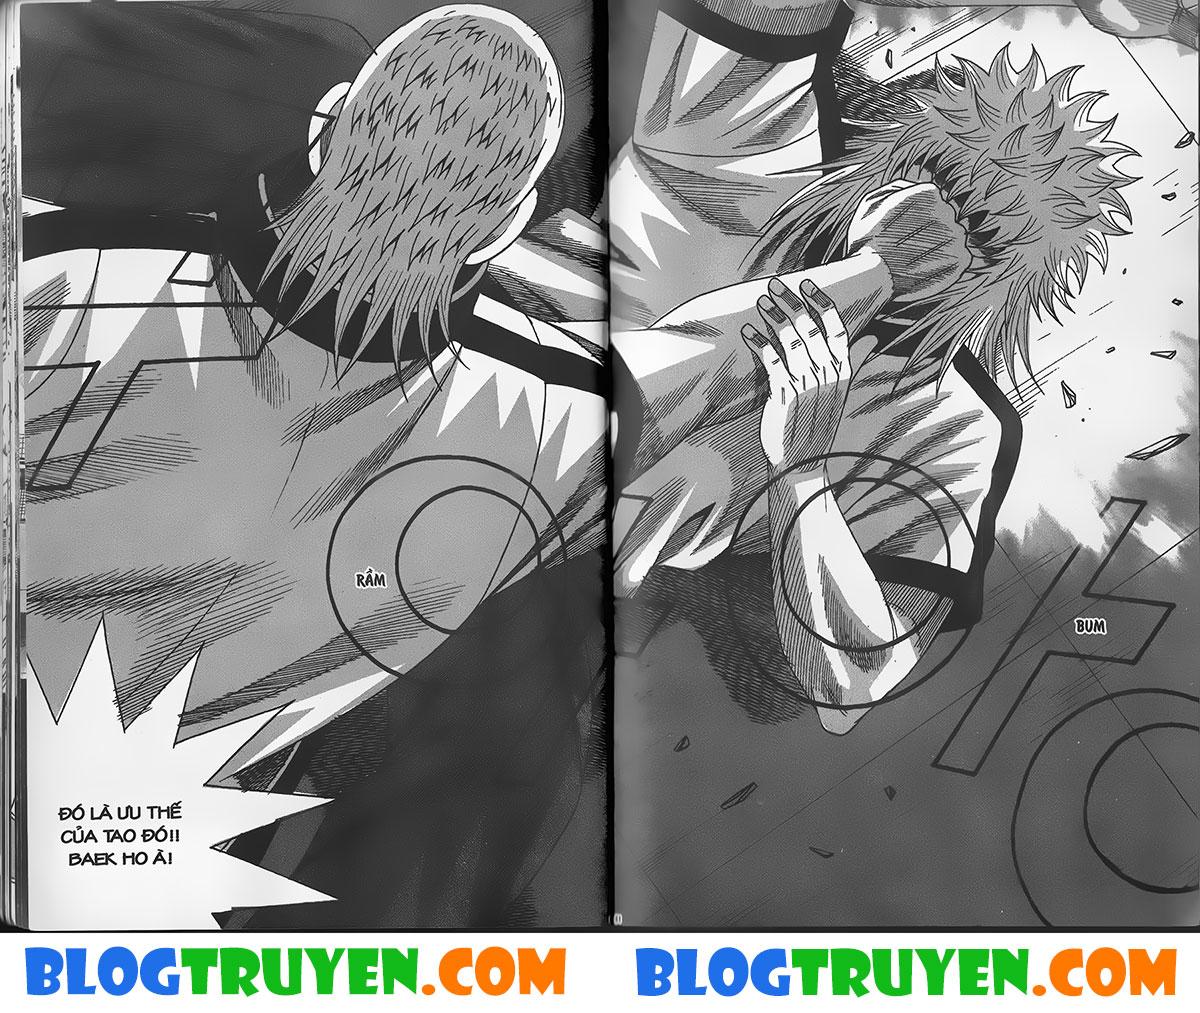 Bitagi - Anh chàng ngổ ngáo chap 283 trang 6